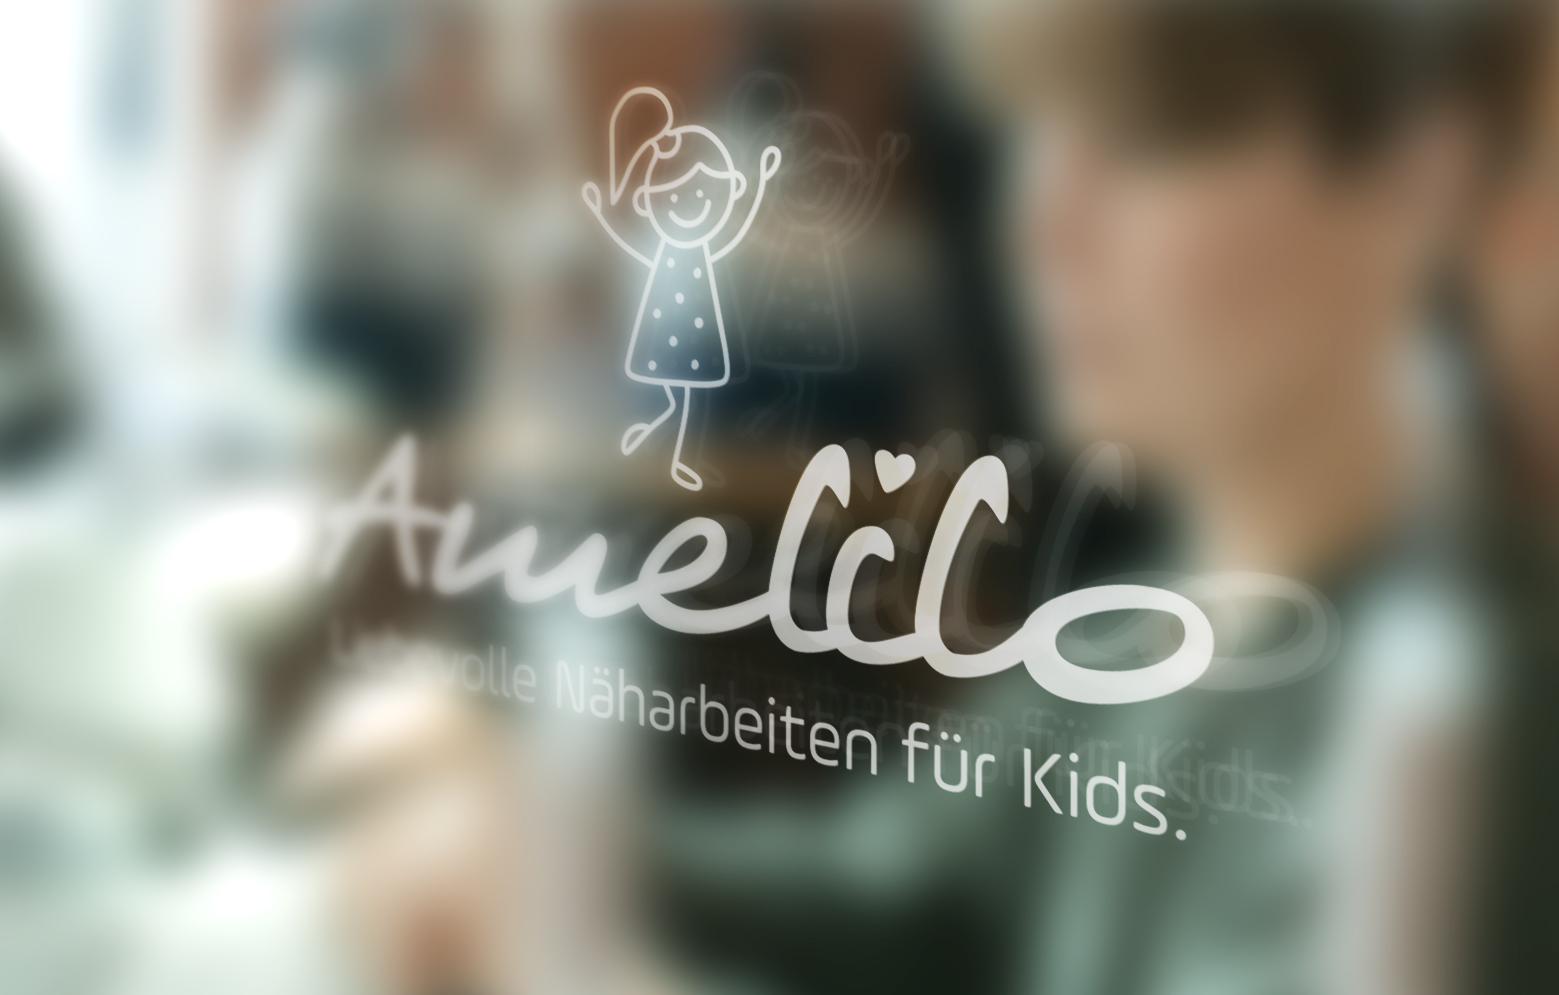 Fensterscheibe mit Amelilo Logokleber